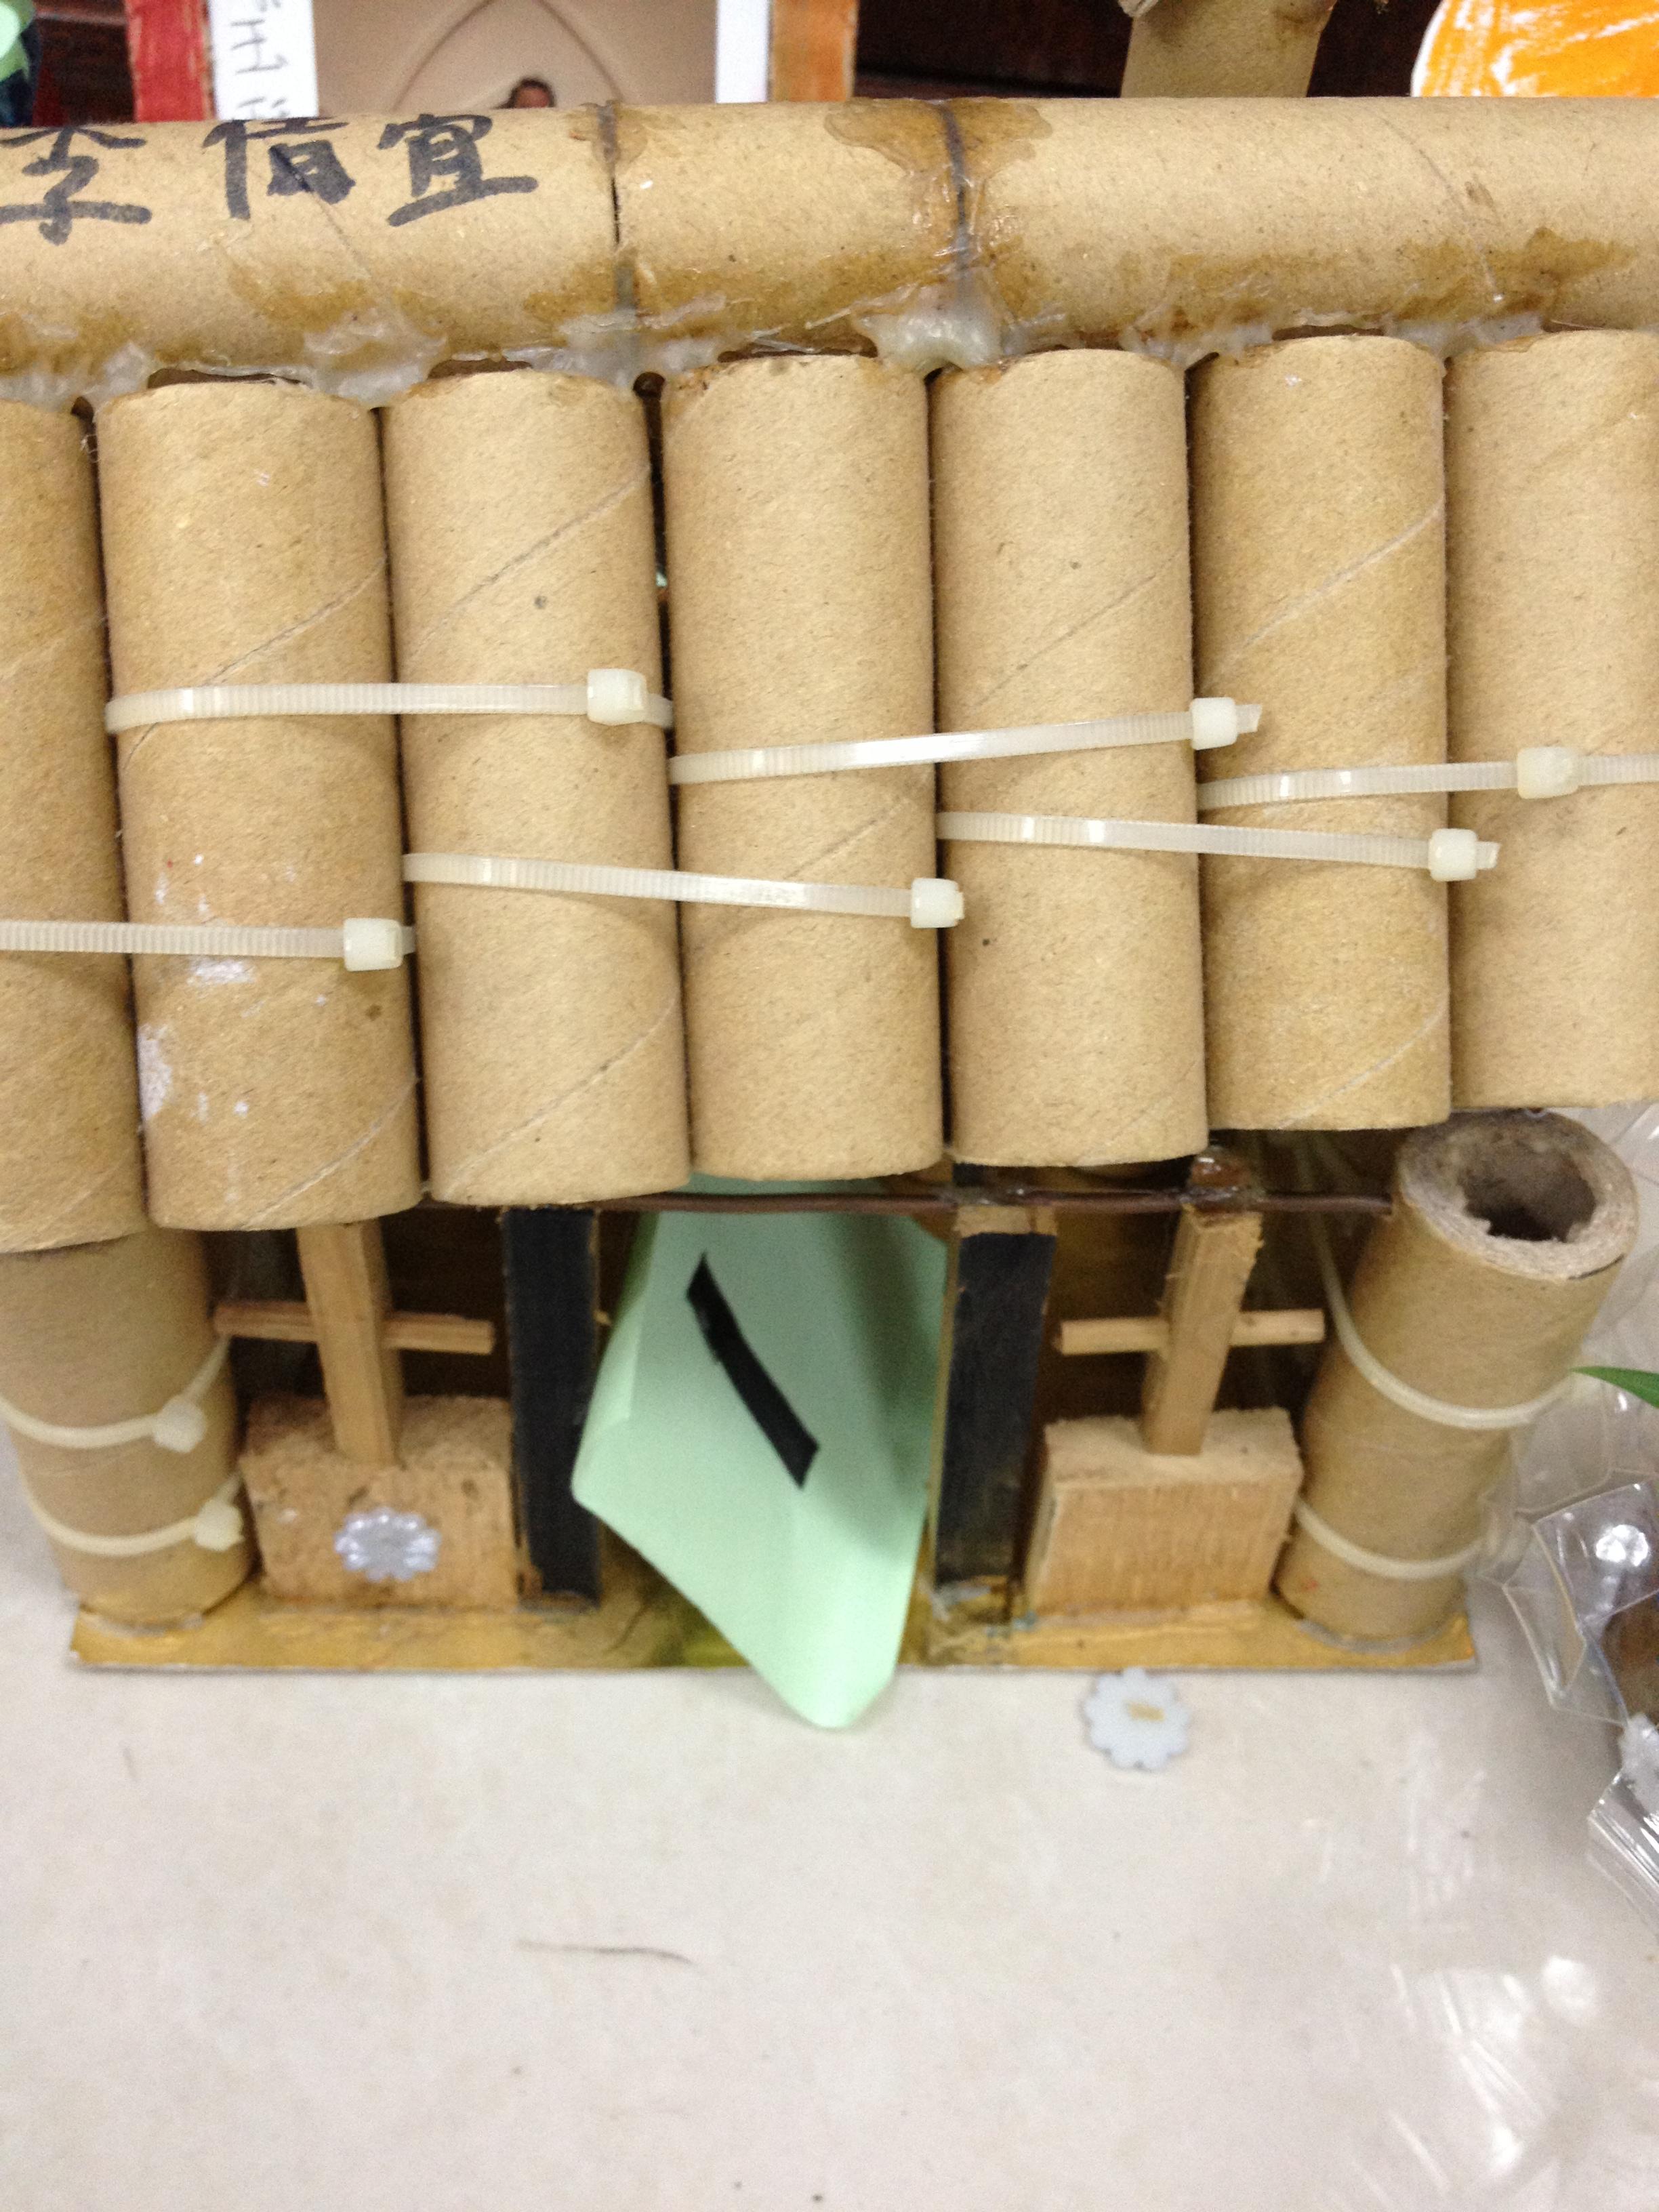 用废旧物品做火箭图相关图片下载; 易拉罐小制作图解; 二年级 废旧